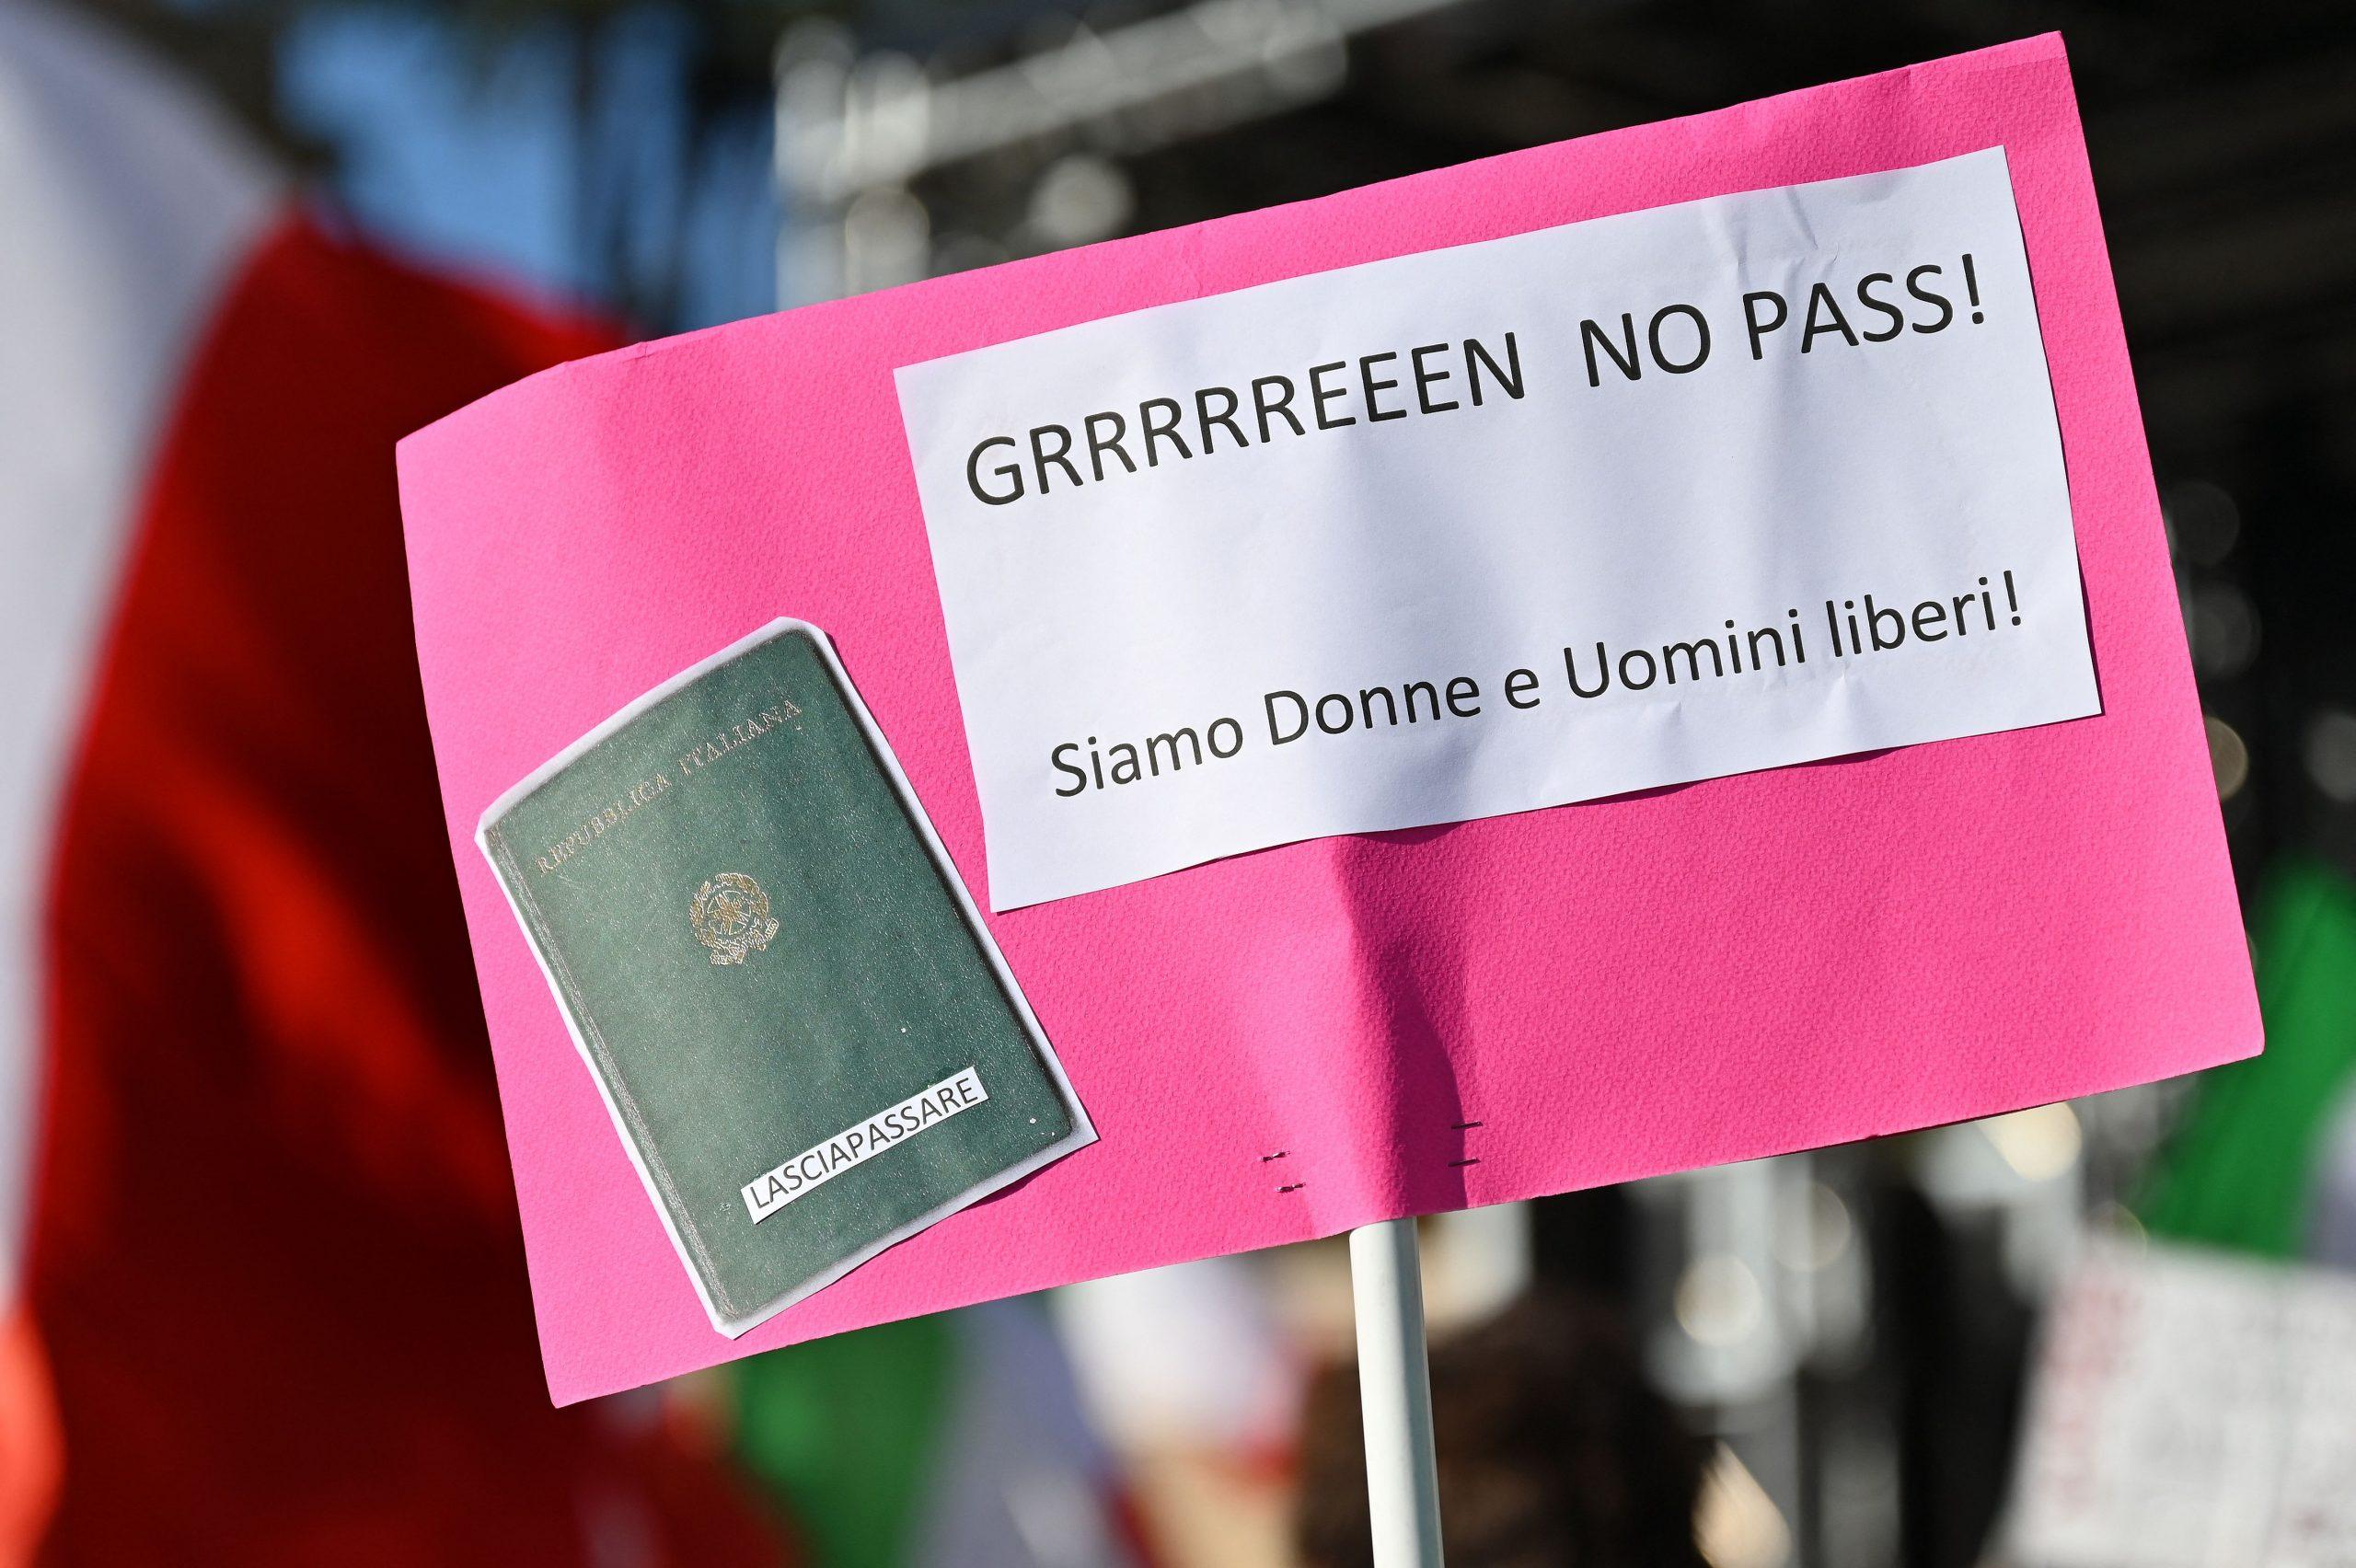 Italienische Polizei zerschlägt Netzwerk hinter gefälschten Gesundheitsnachweisen